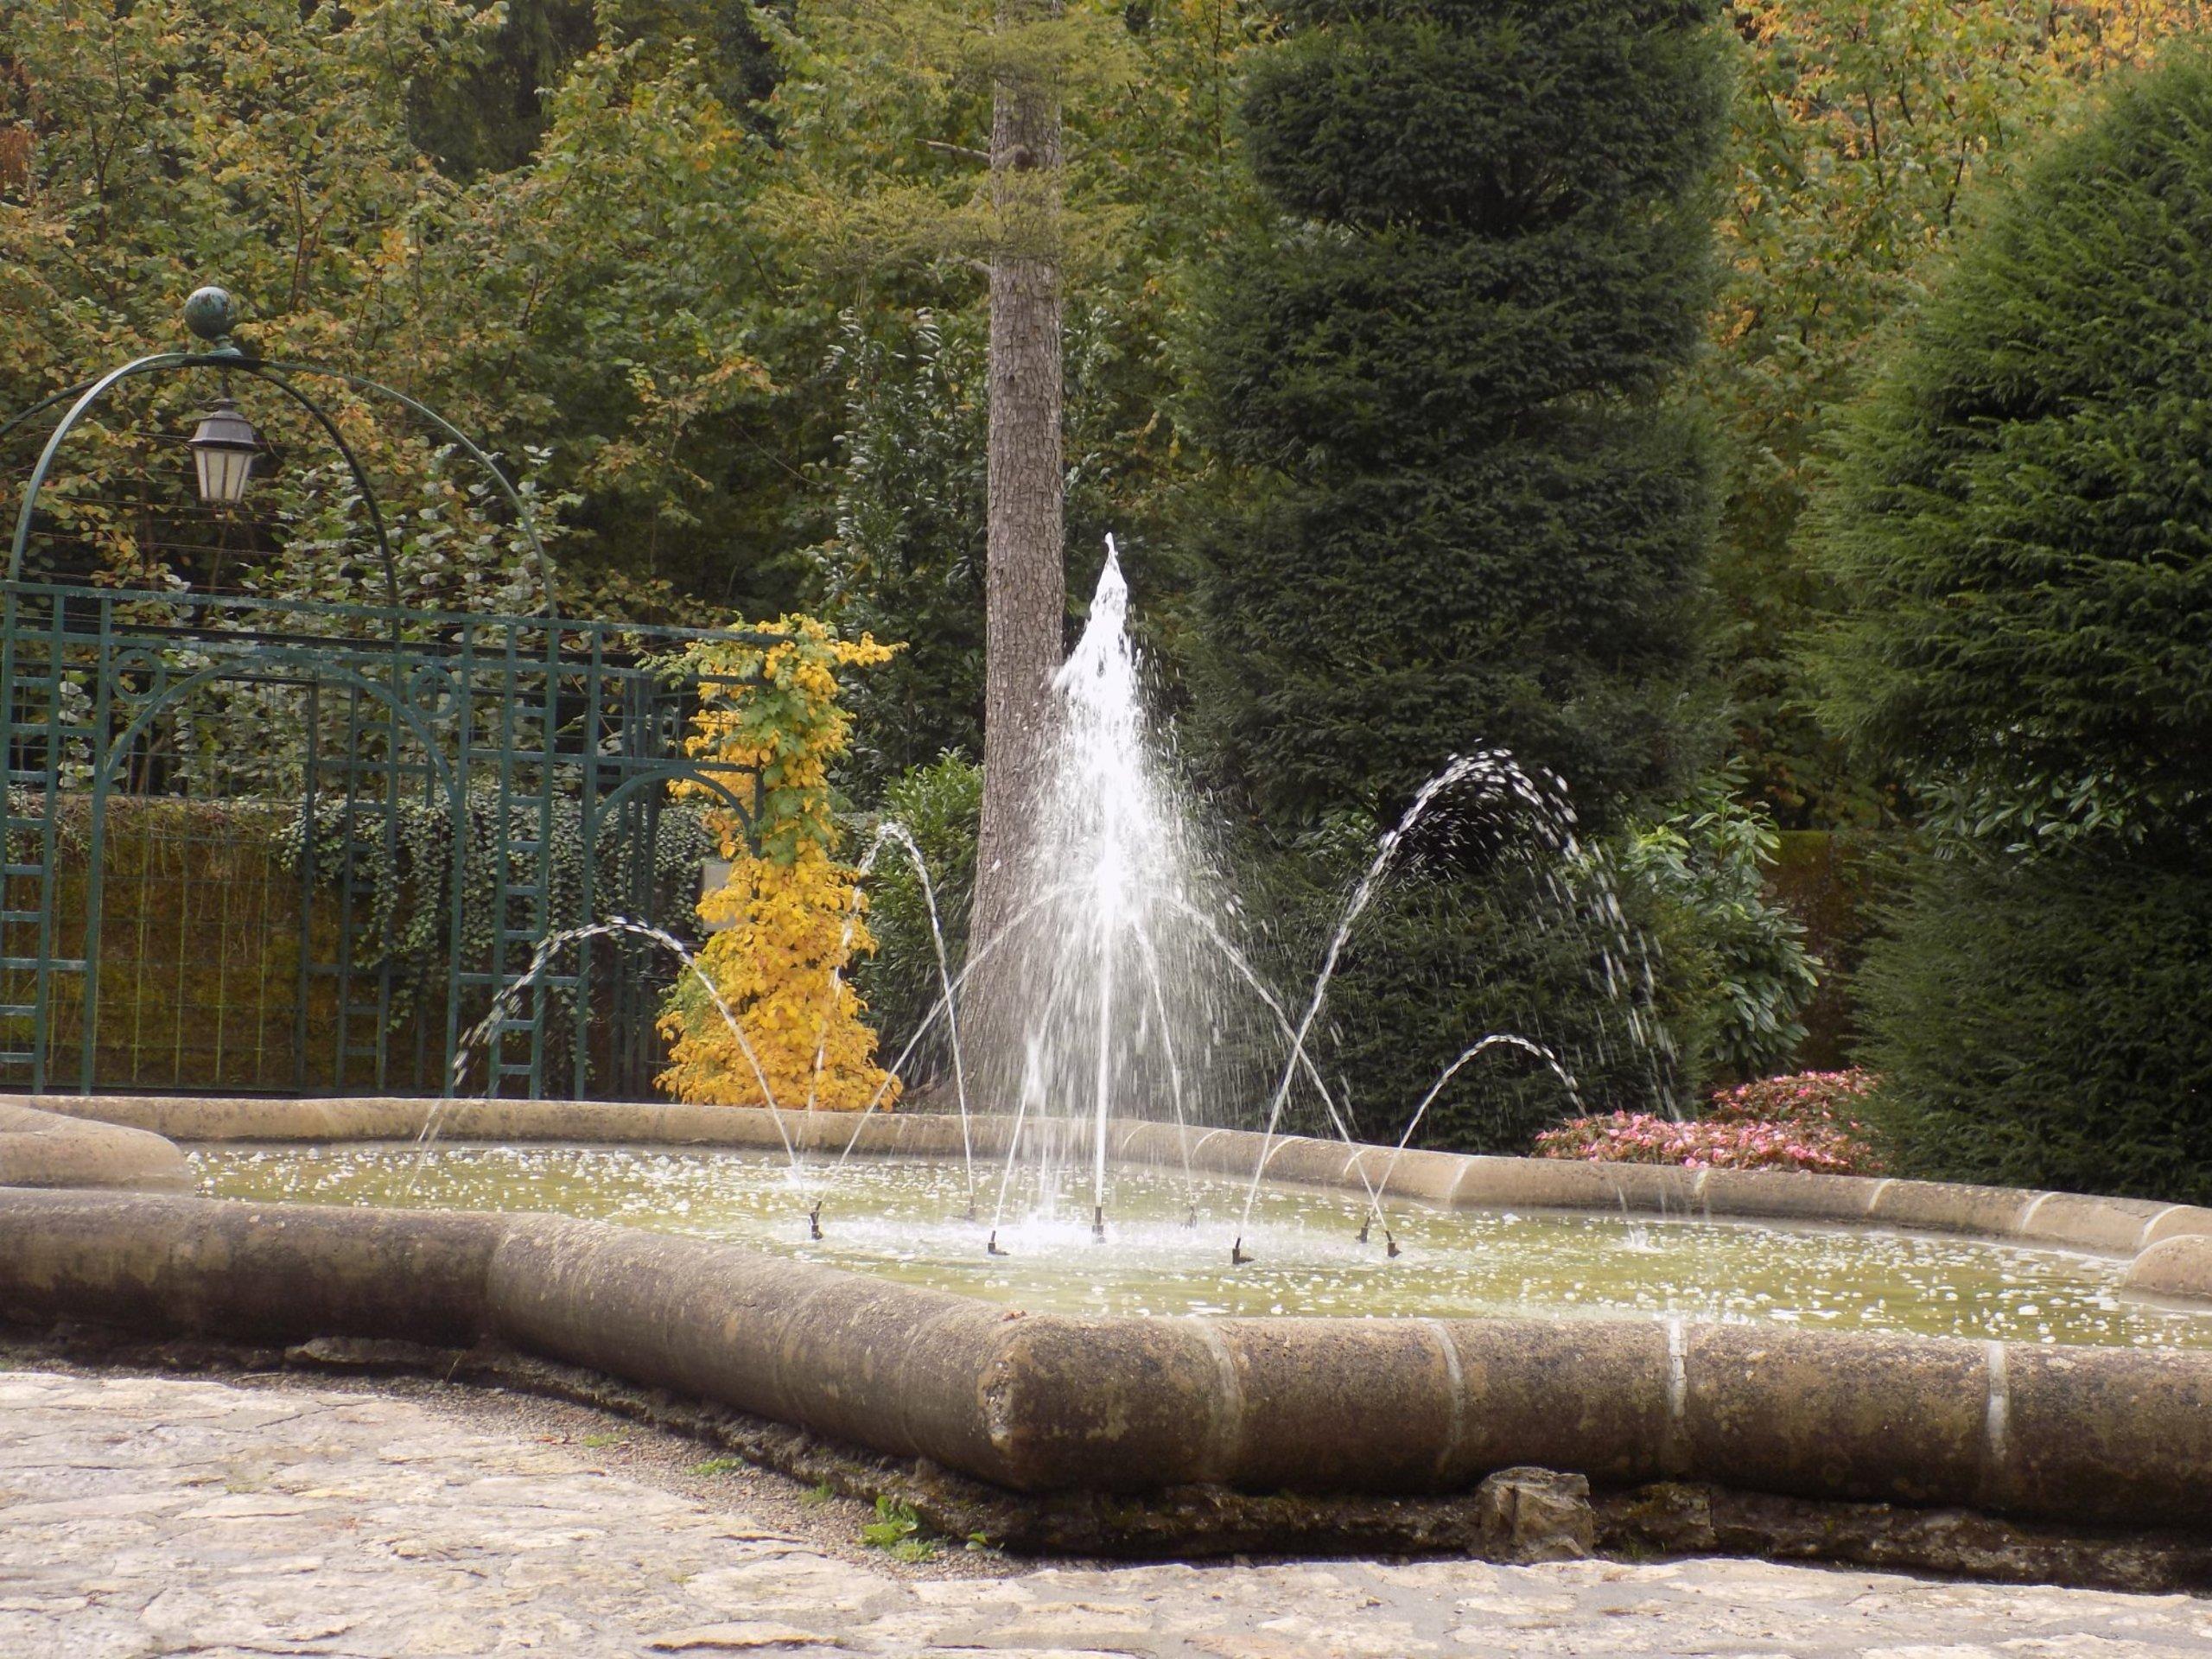 Le Jardin De Berthe Lyon Inspirant Le Bour Du Lac 2020 Best Of Le Bour Du Lac France Of 64 Beau Le Jardin De Berthe Lyon